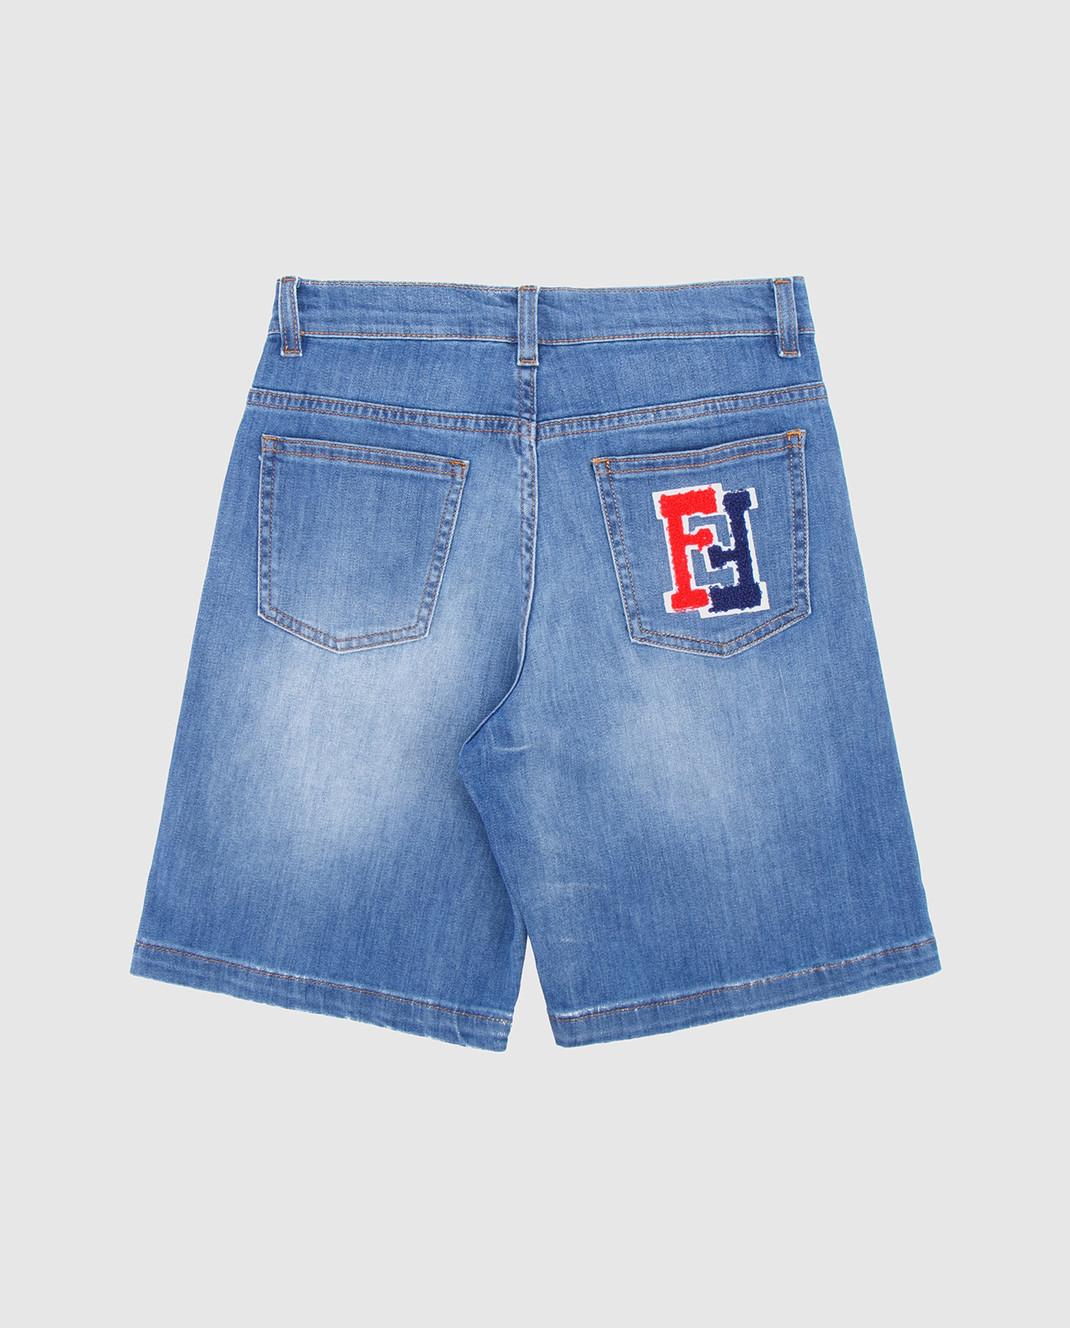 Fendi Детские голубые джинсовые шорты JMF1261012 изображение 2